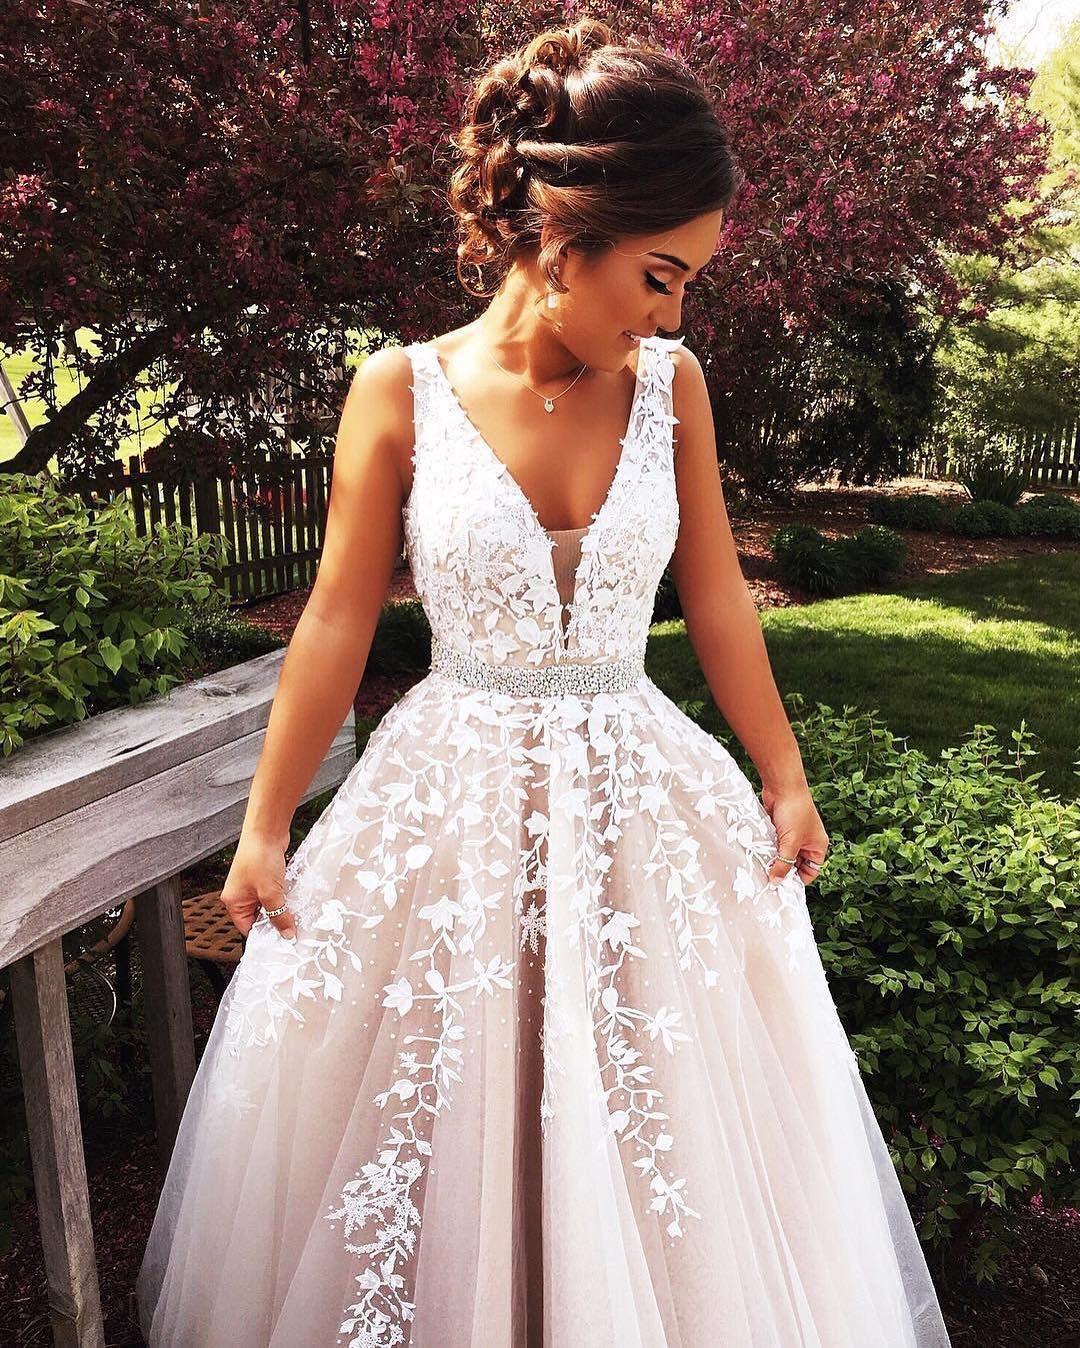 Tyffiii Follow Me On Ig At Stef S Style For Daily Fashion Lifestyle Updates Of Myself Abschlussball Kleider Brautkleid Und Hochzeitskleid